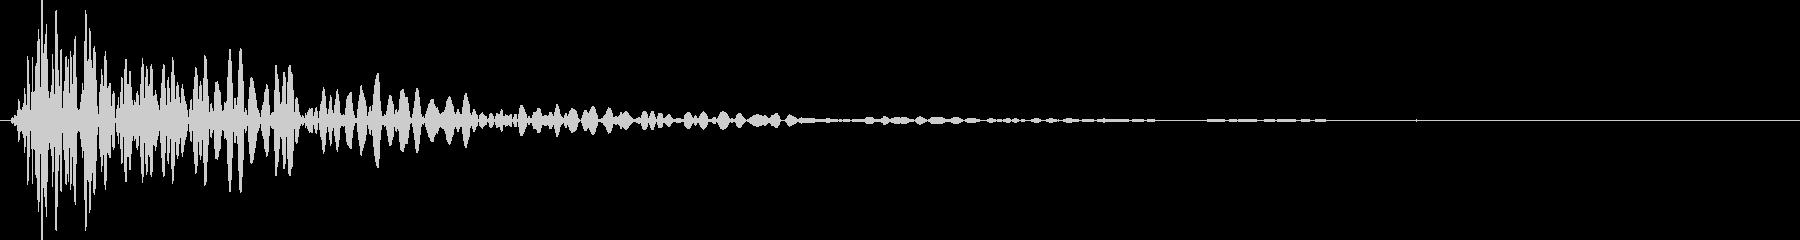 ドン(叩く音・木を叩く・打撃音)の未再生の波形